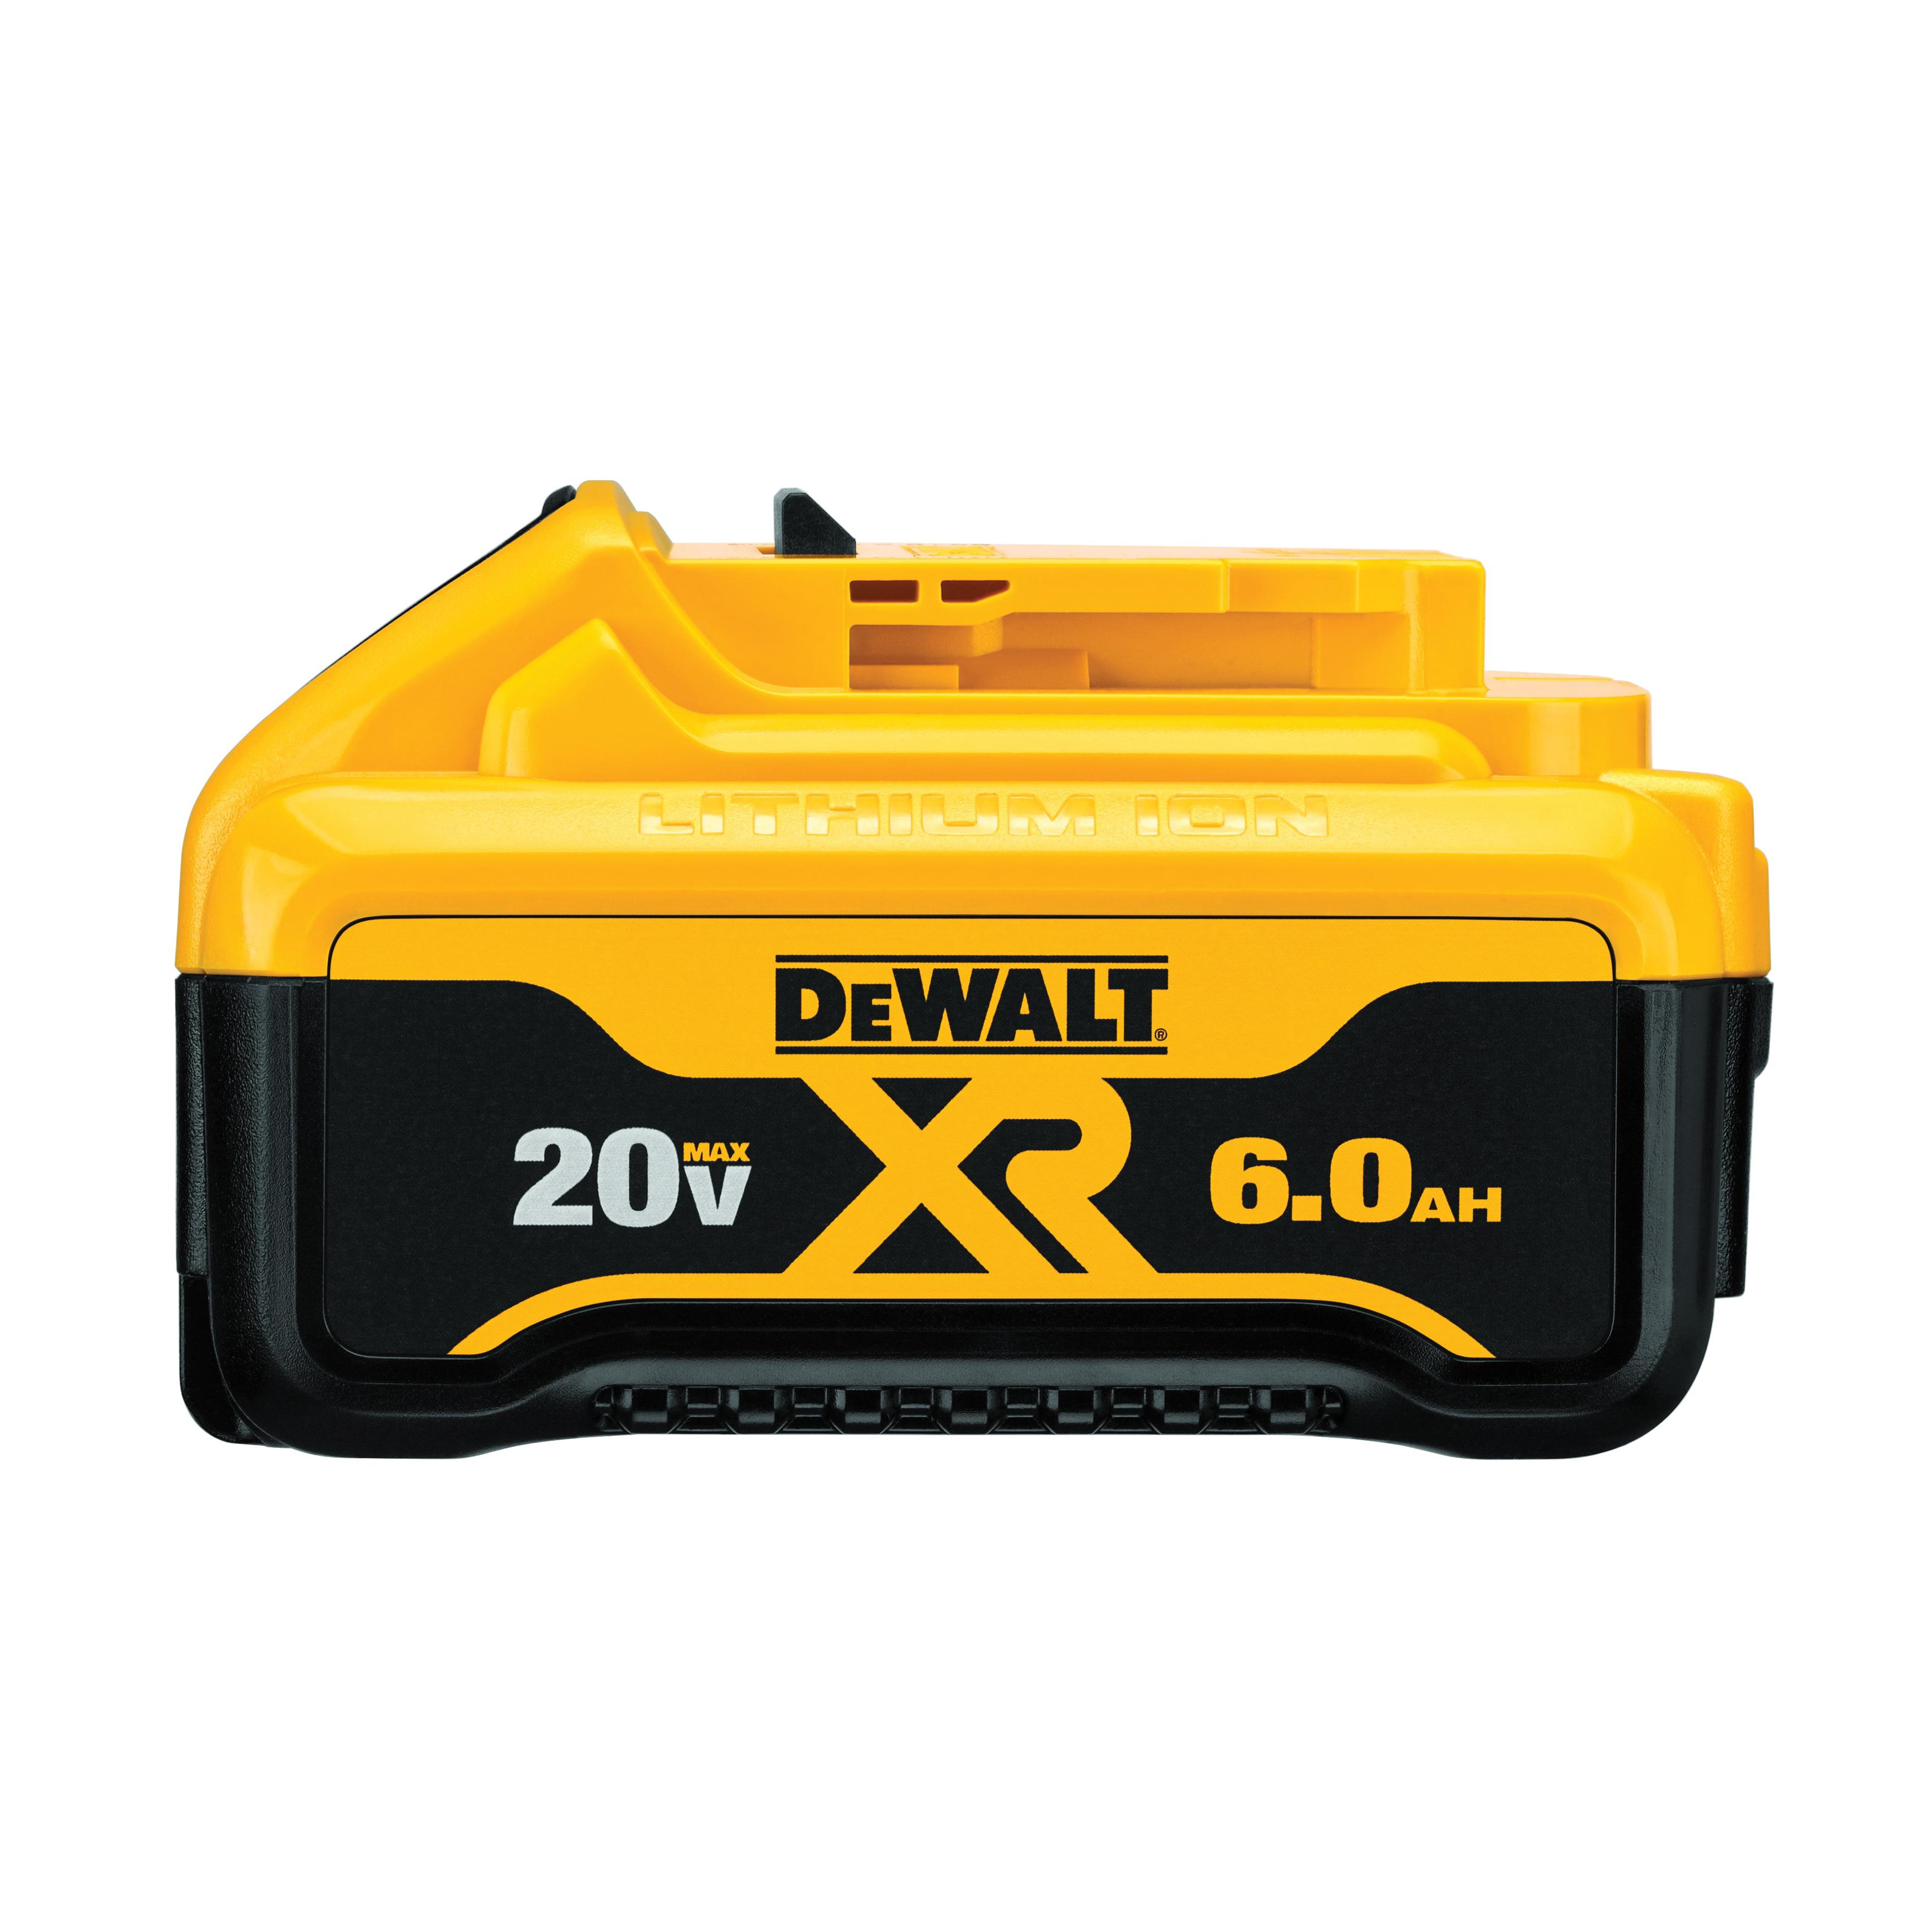 DeWALT® 20V MAX* MATRIX™ XR™ DCB206 Premium Slide-On Battery, 6 Ah Lithium-Ion Battery, 20 VAC Charge, For Use With DeWALT® 20 V Tools